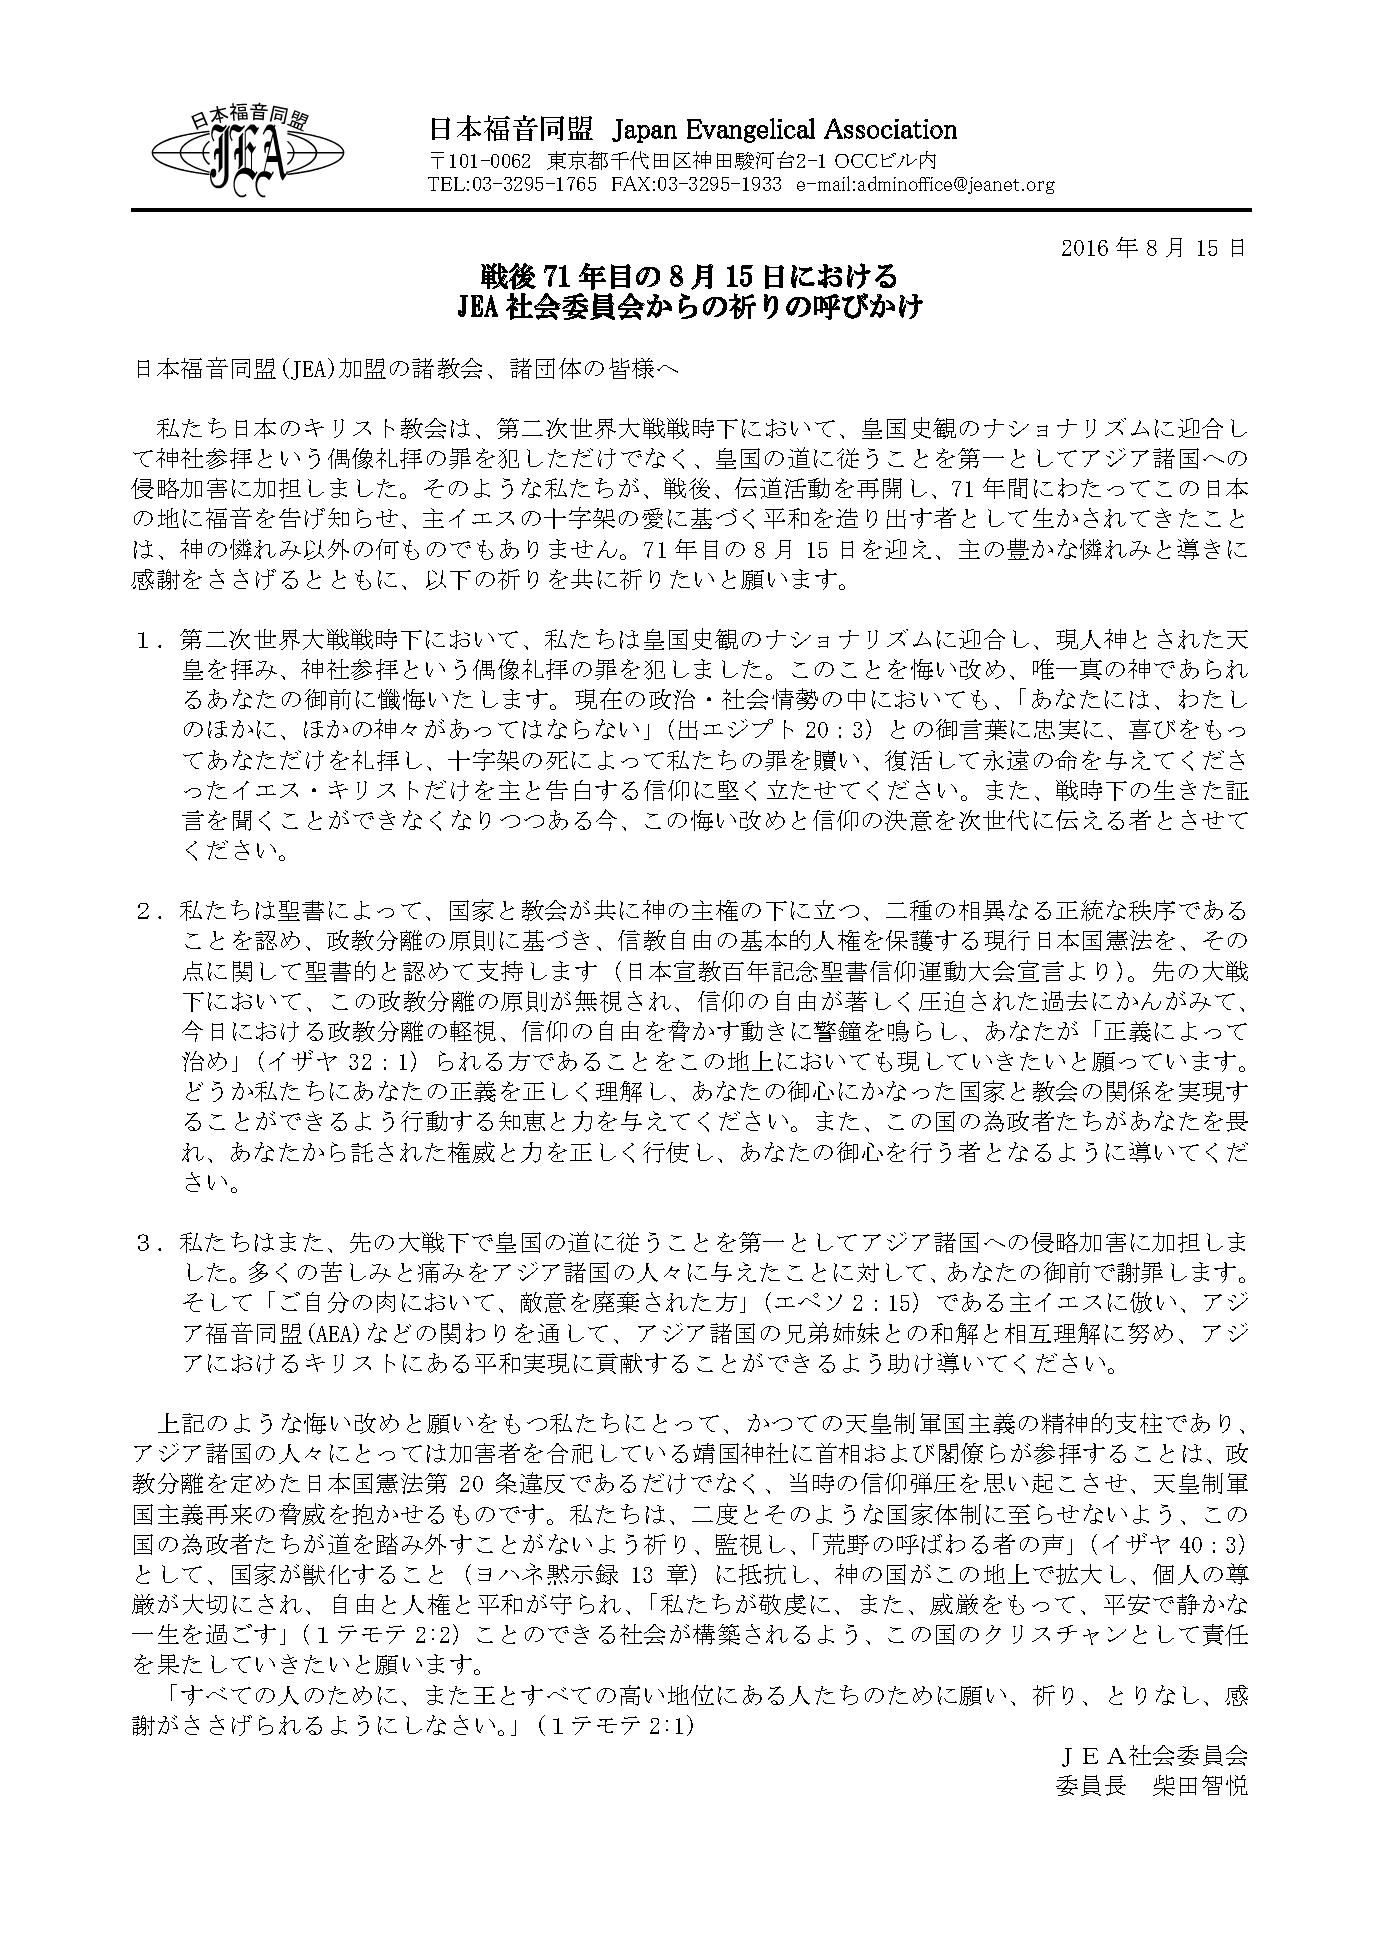 戦後71年目8・15祈りの呼びかけ_JEA社会委員会